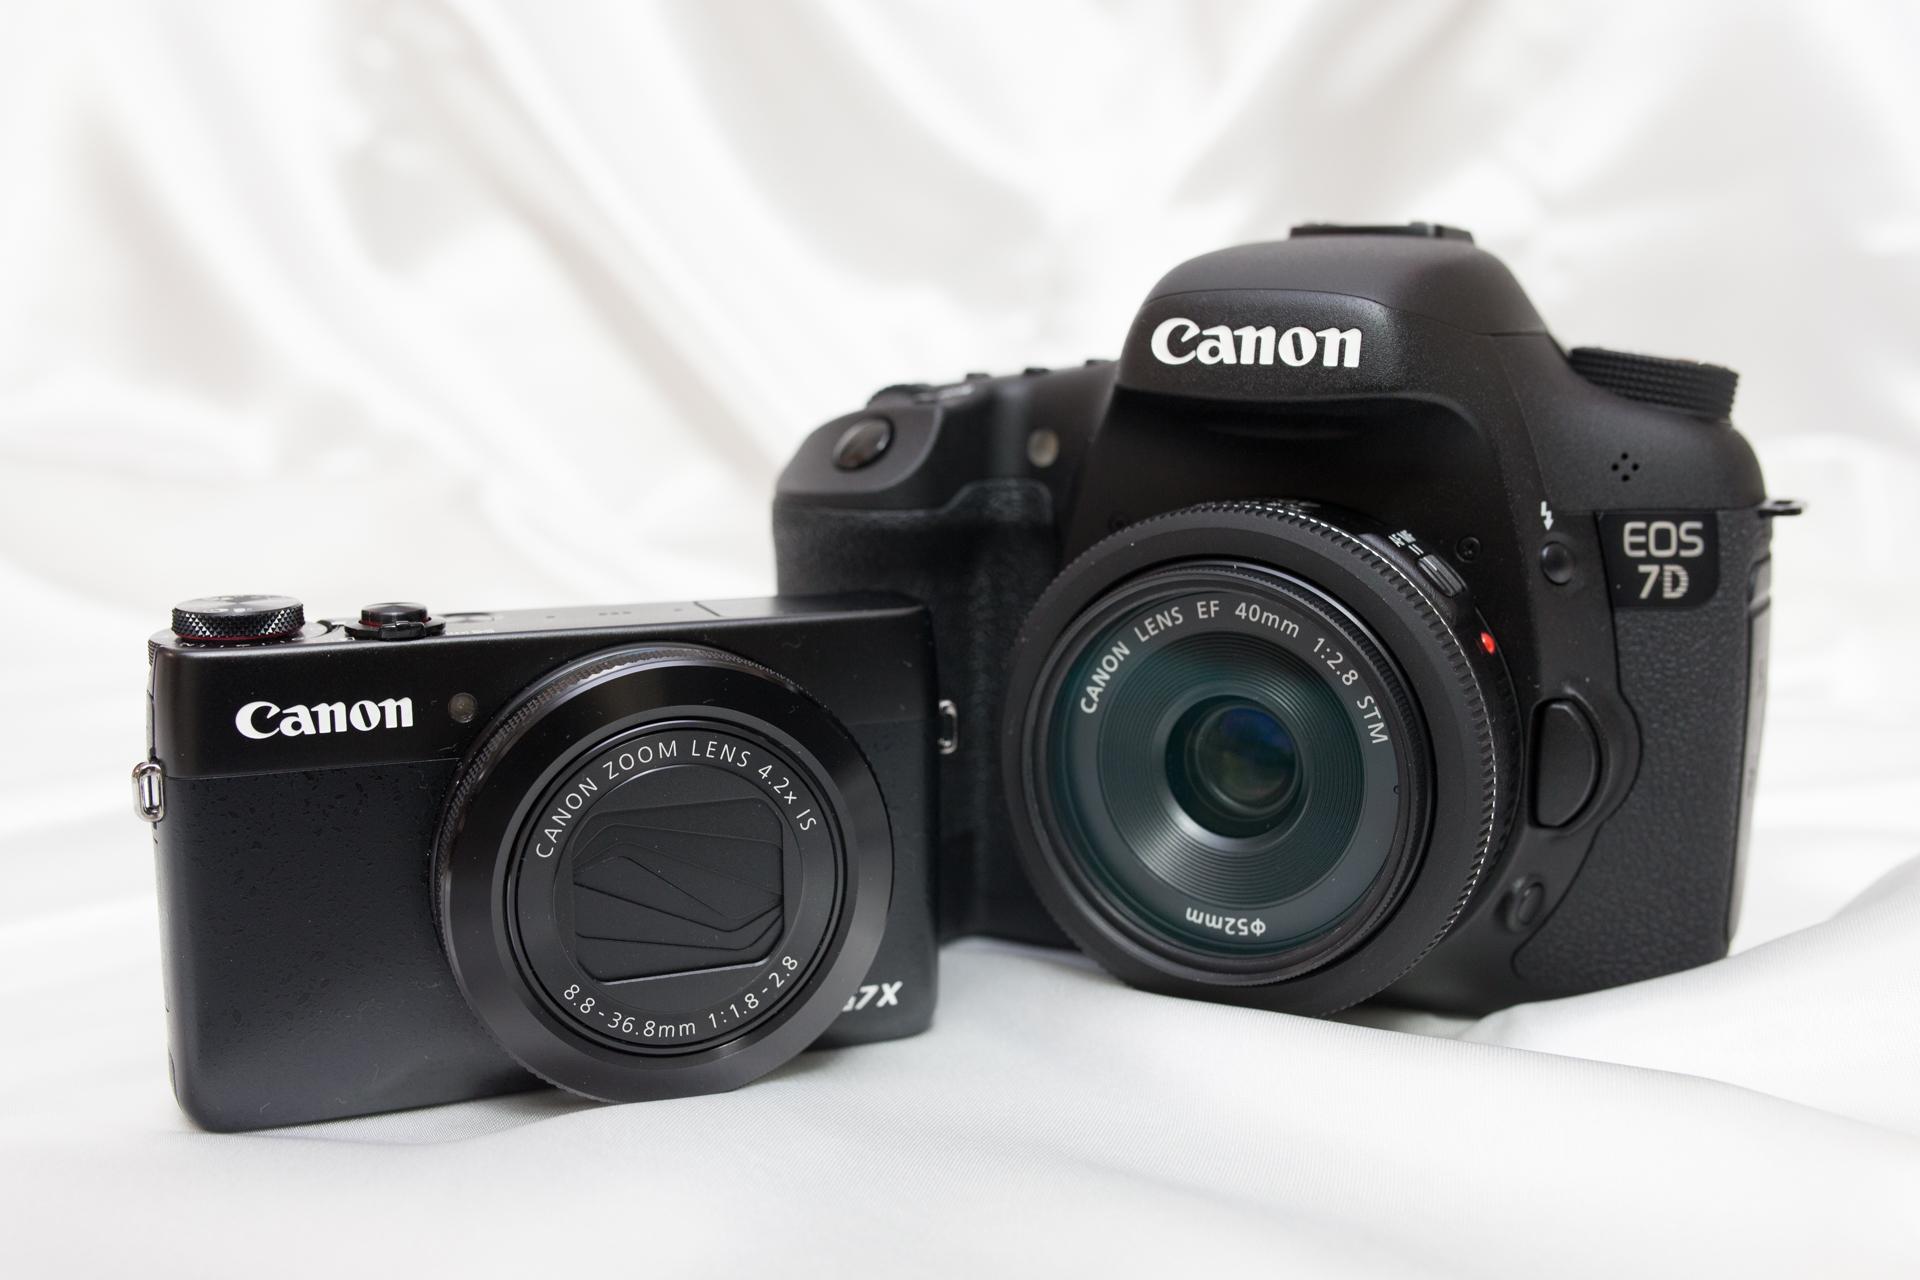 大型センサーを搭載したコンパクトデジタルカメラと一眼レフカメラ